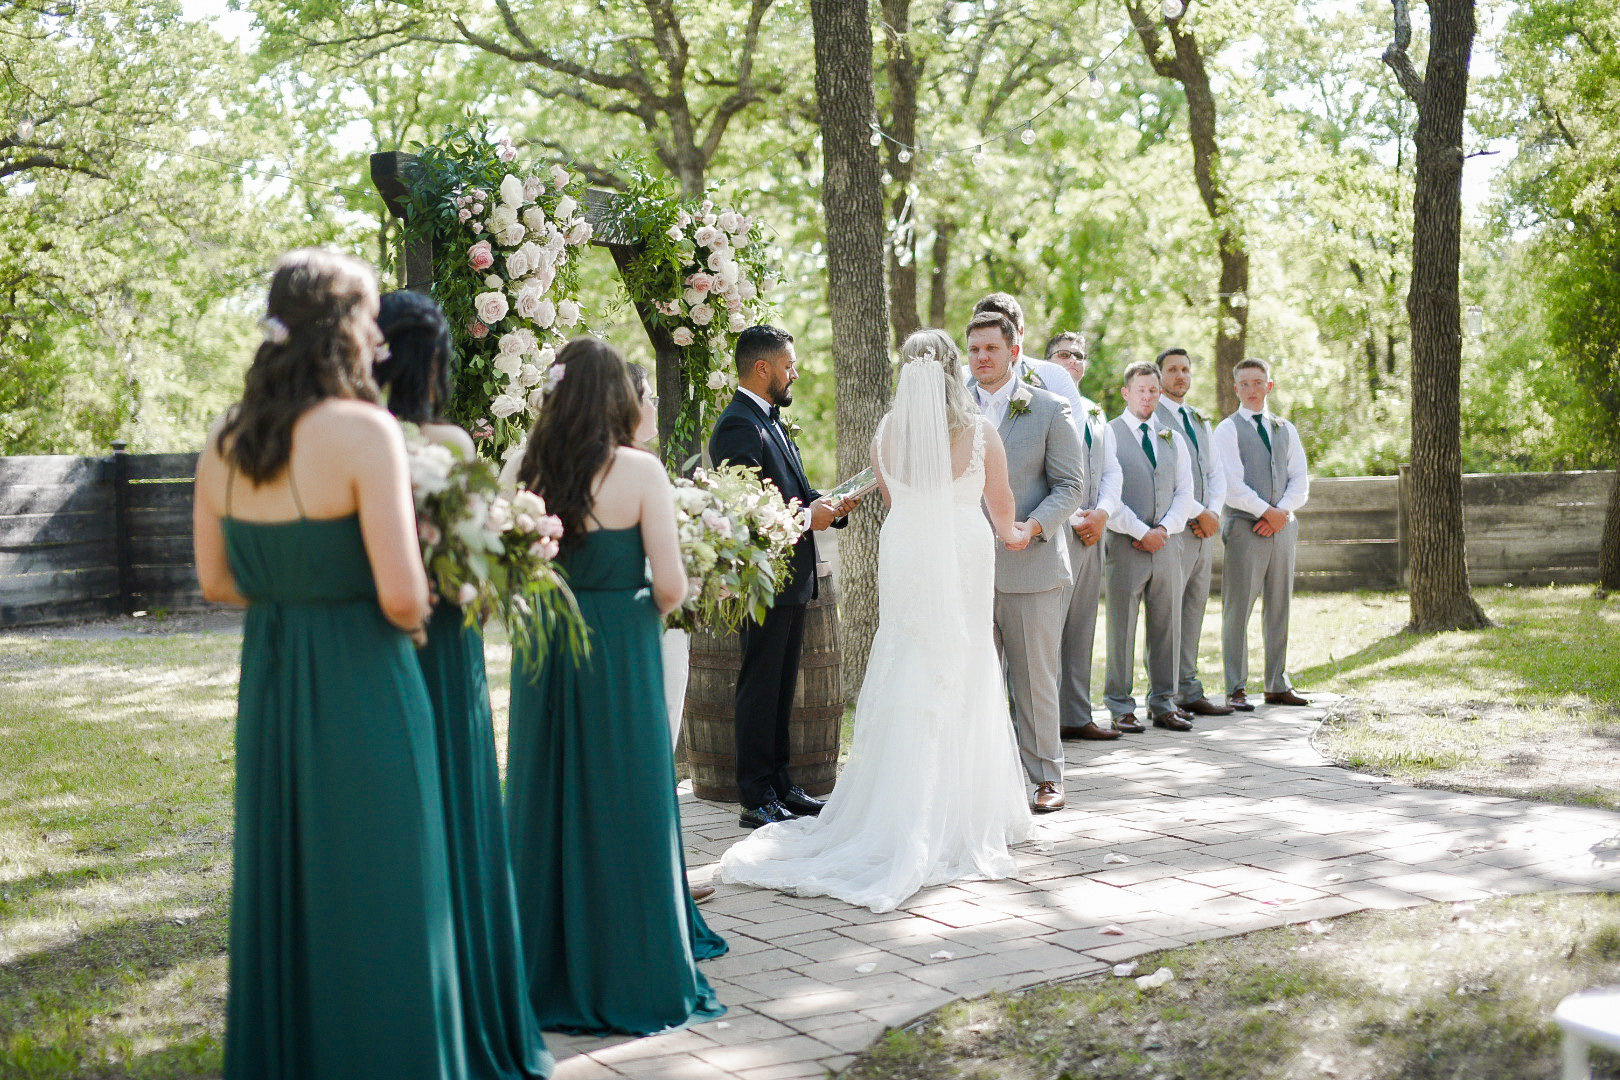 Wedding Add-On's